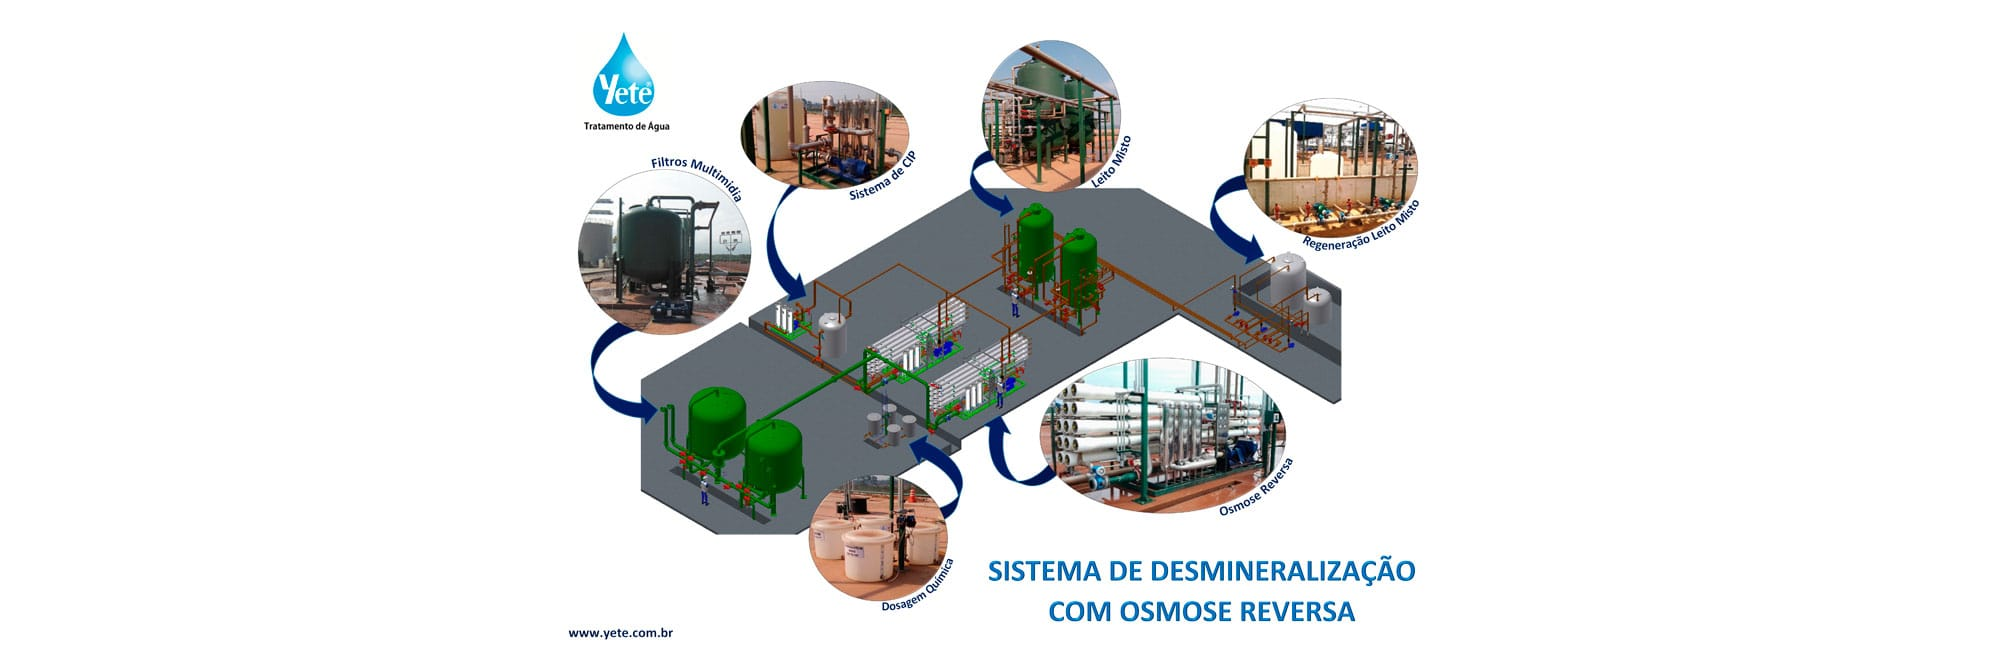 Sistema de Desmineralização com Osmose Reversa